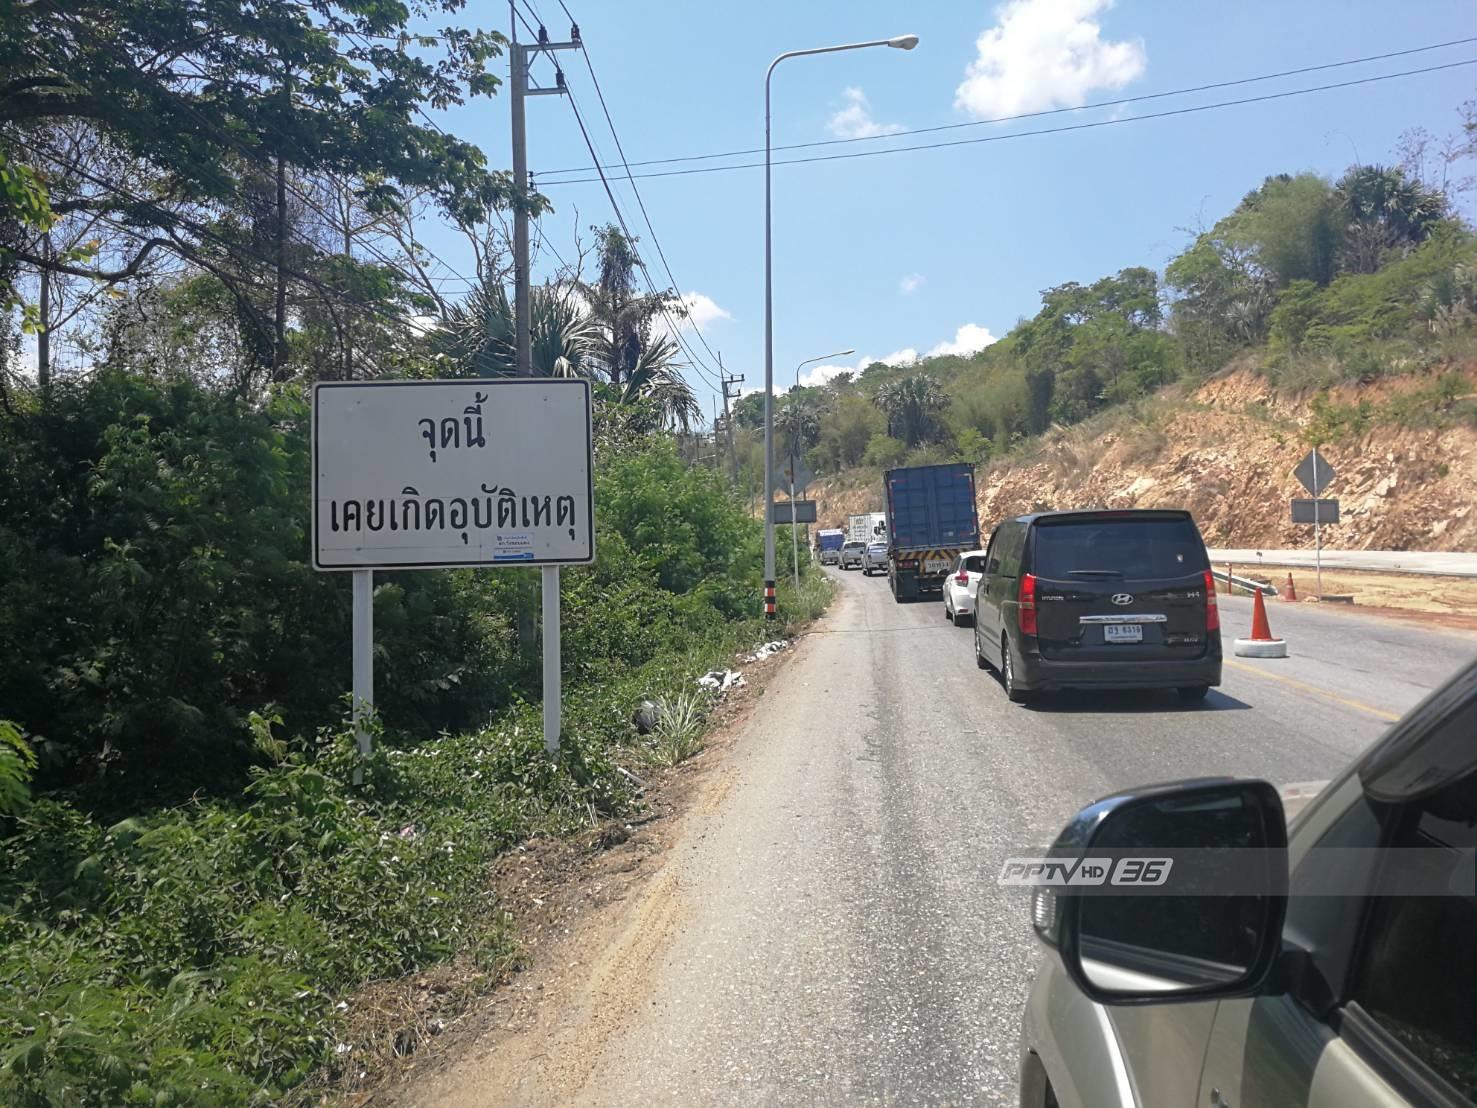 ถนน 304 ปราจีนบุรี – นครราชสีมา เริ่มติดขัดประชาชนทยอยเดินทาง